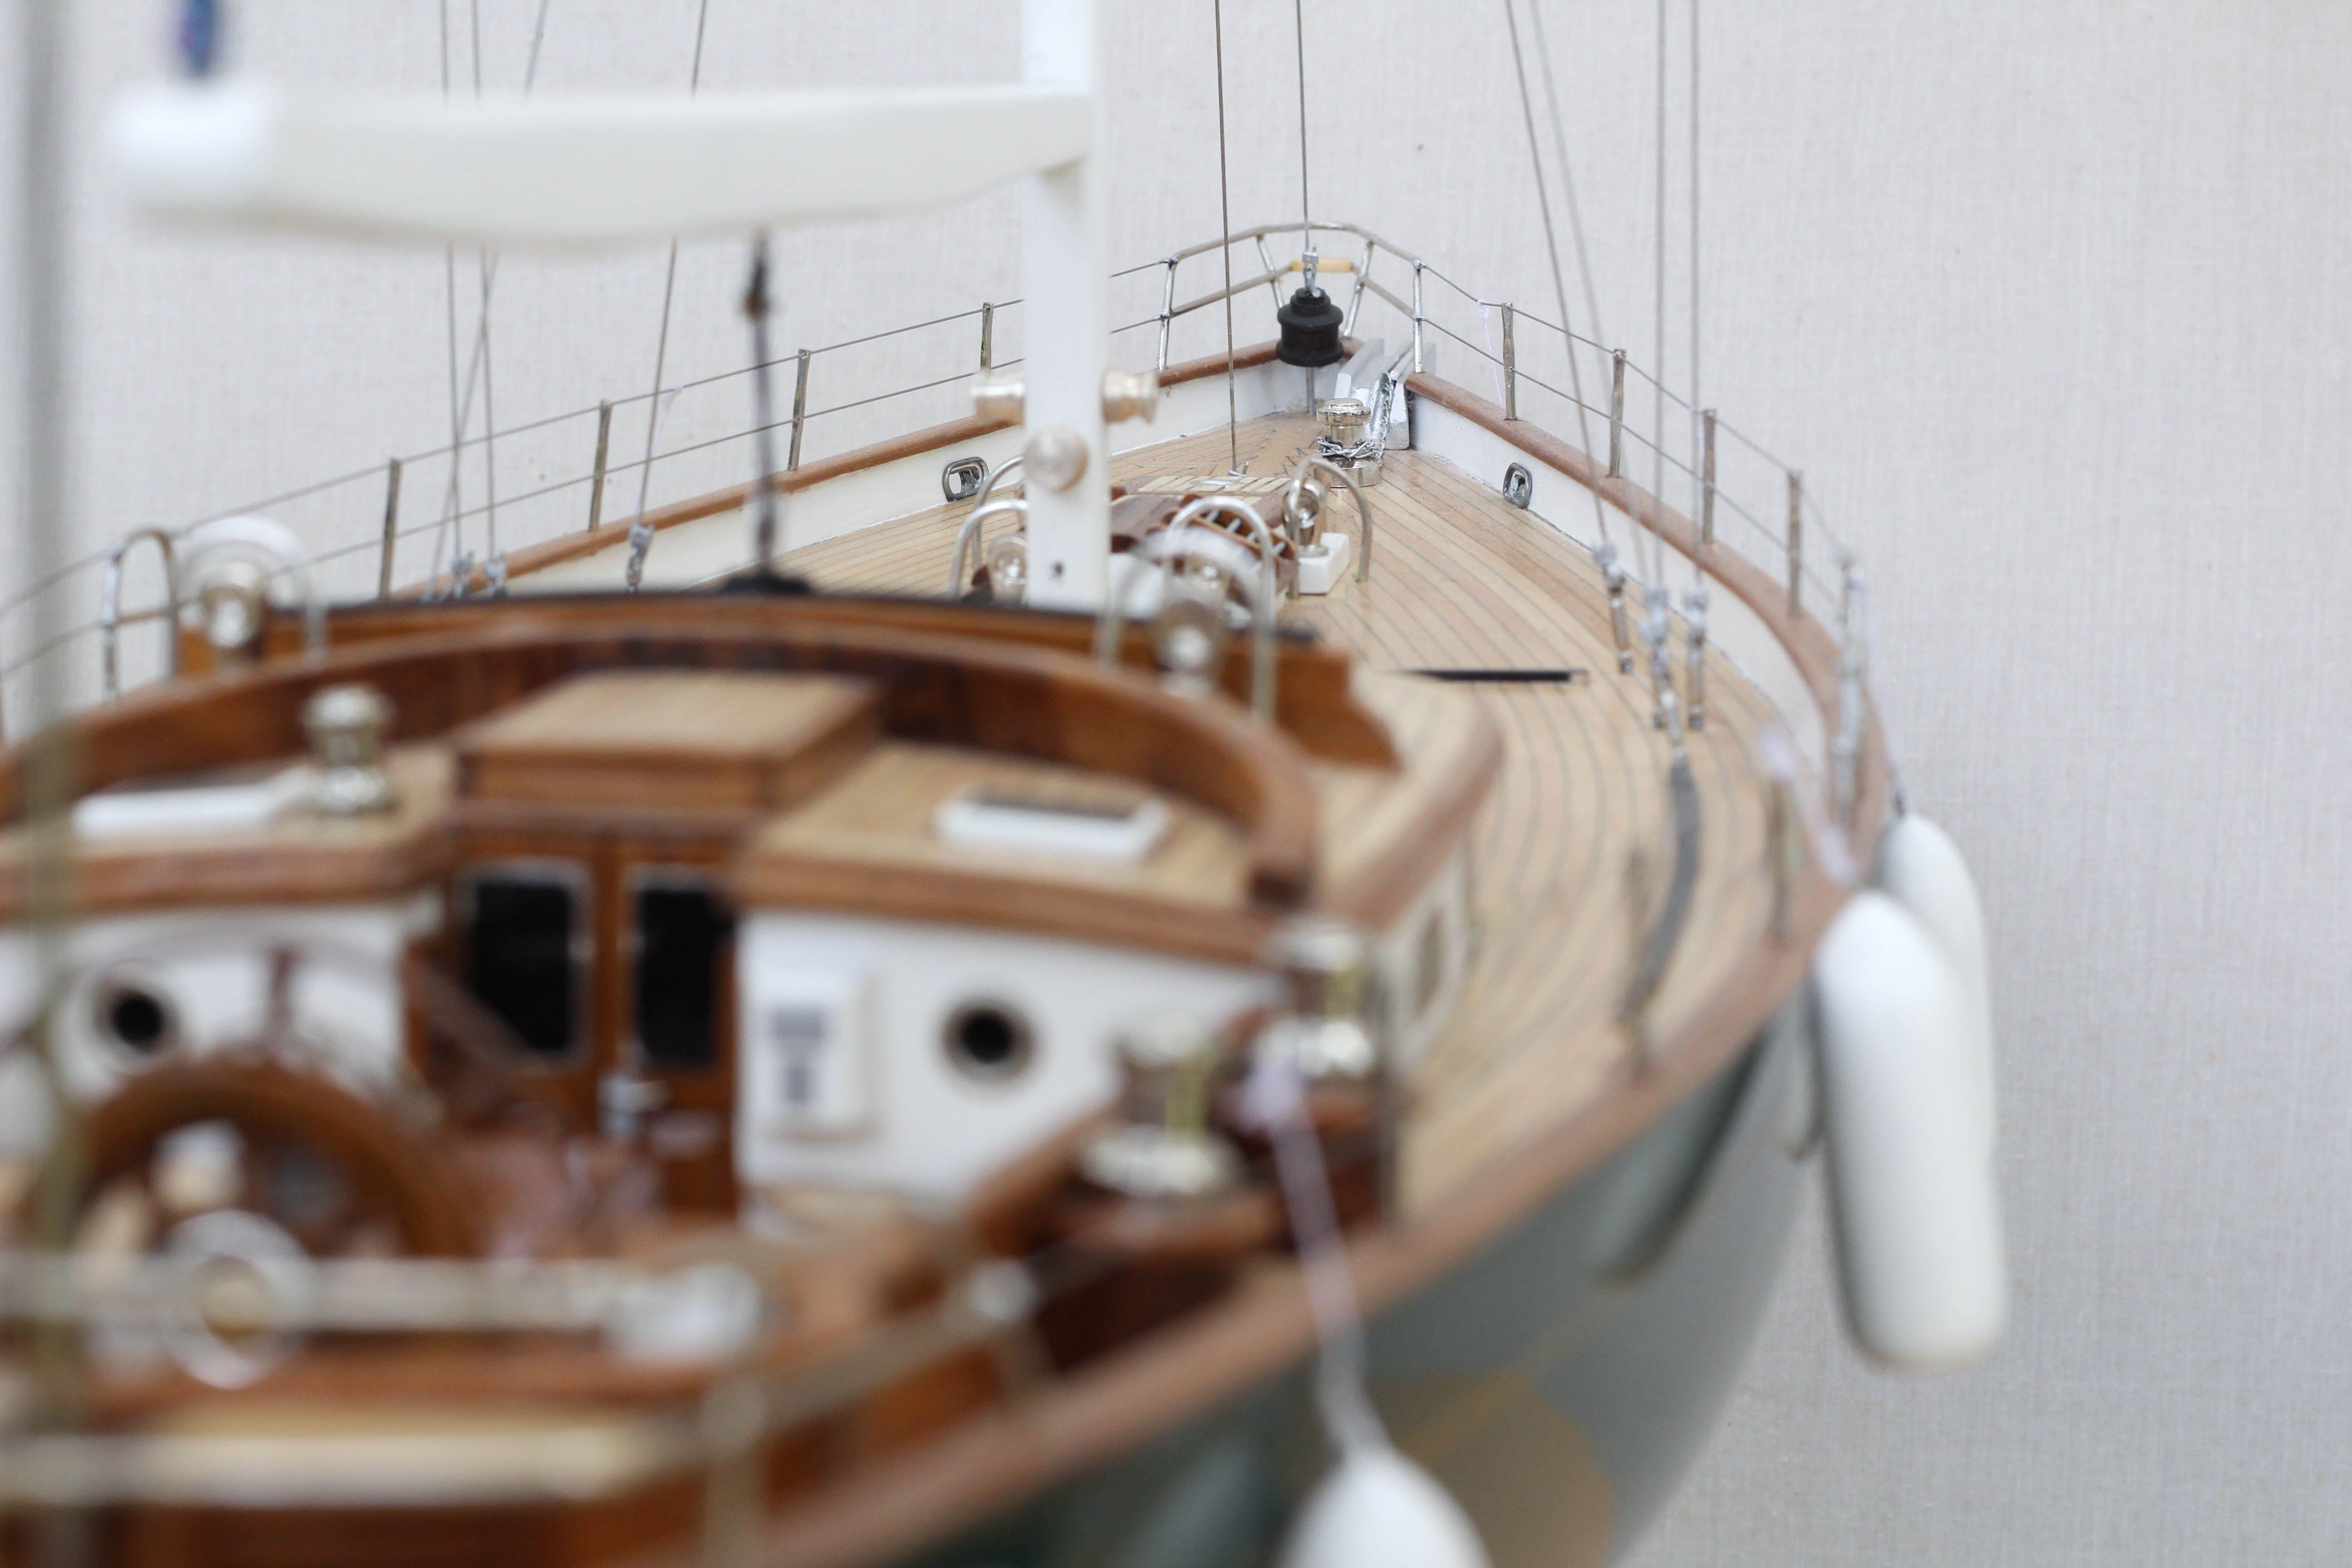 2532-14391-70ft-Hoeck-Design-Model-Sailing-Boat-Superior-Range